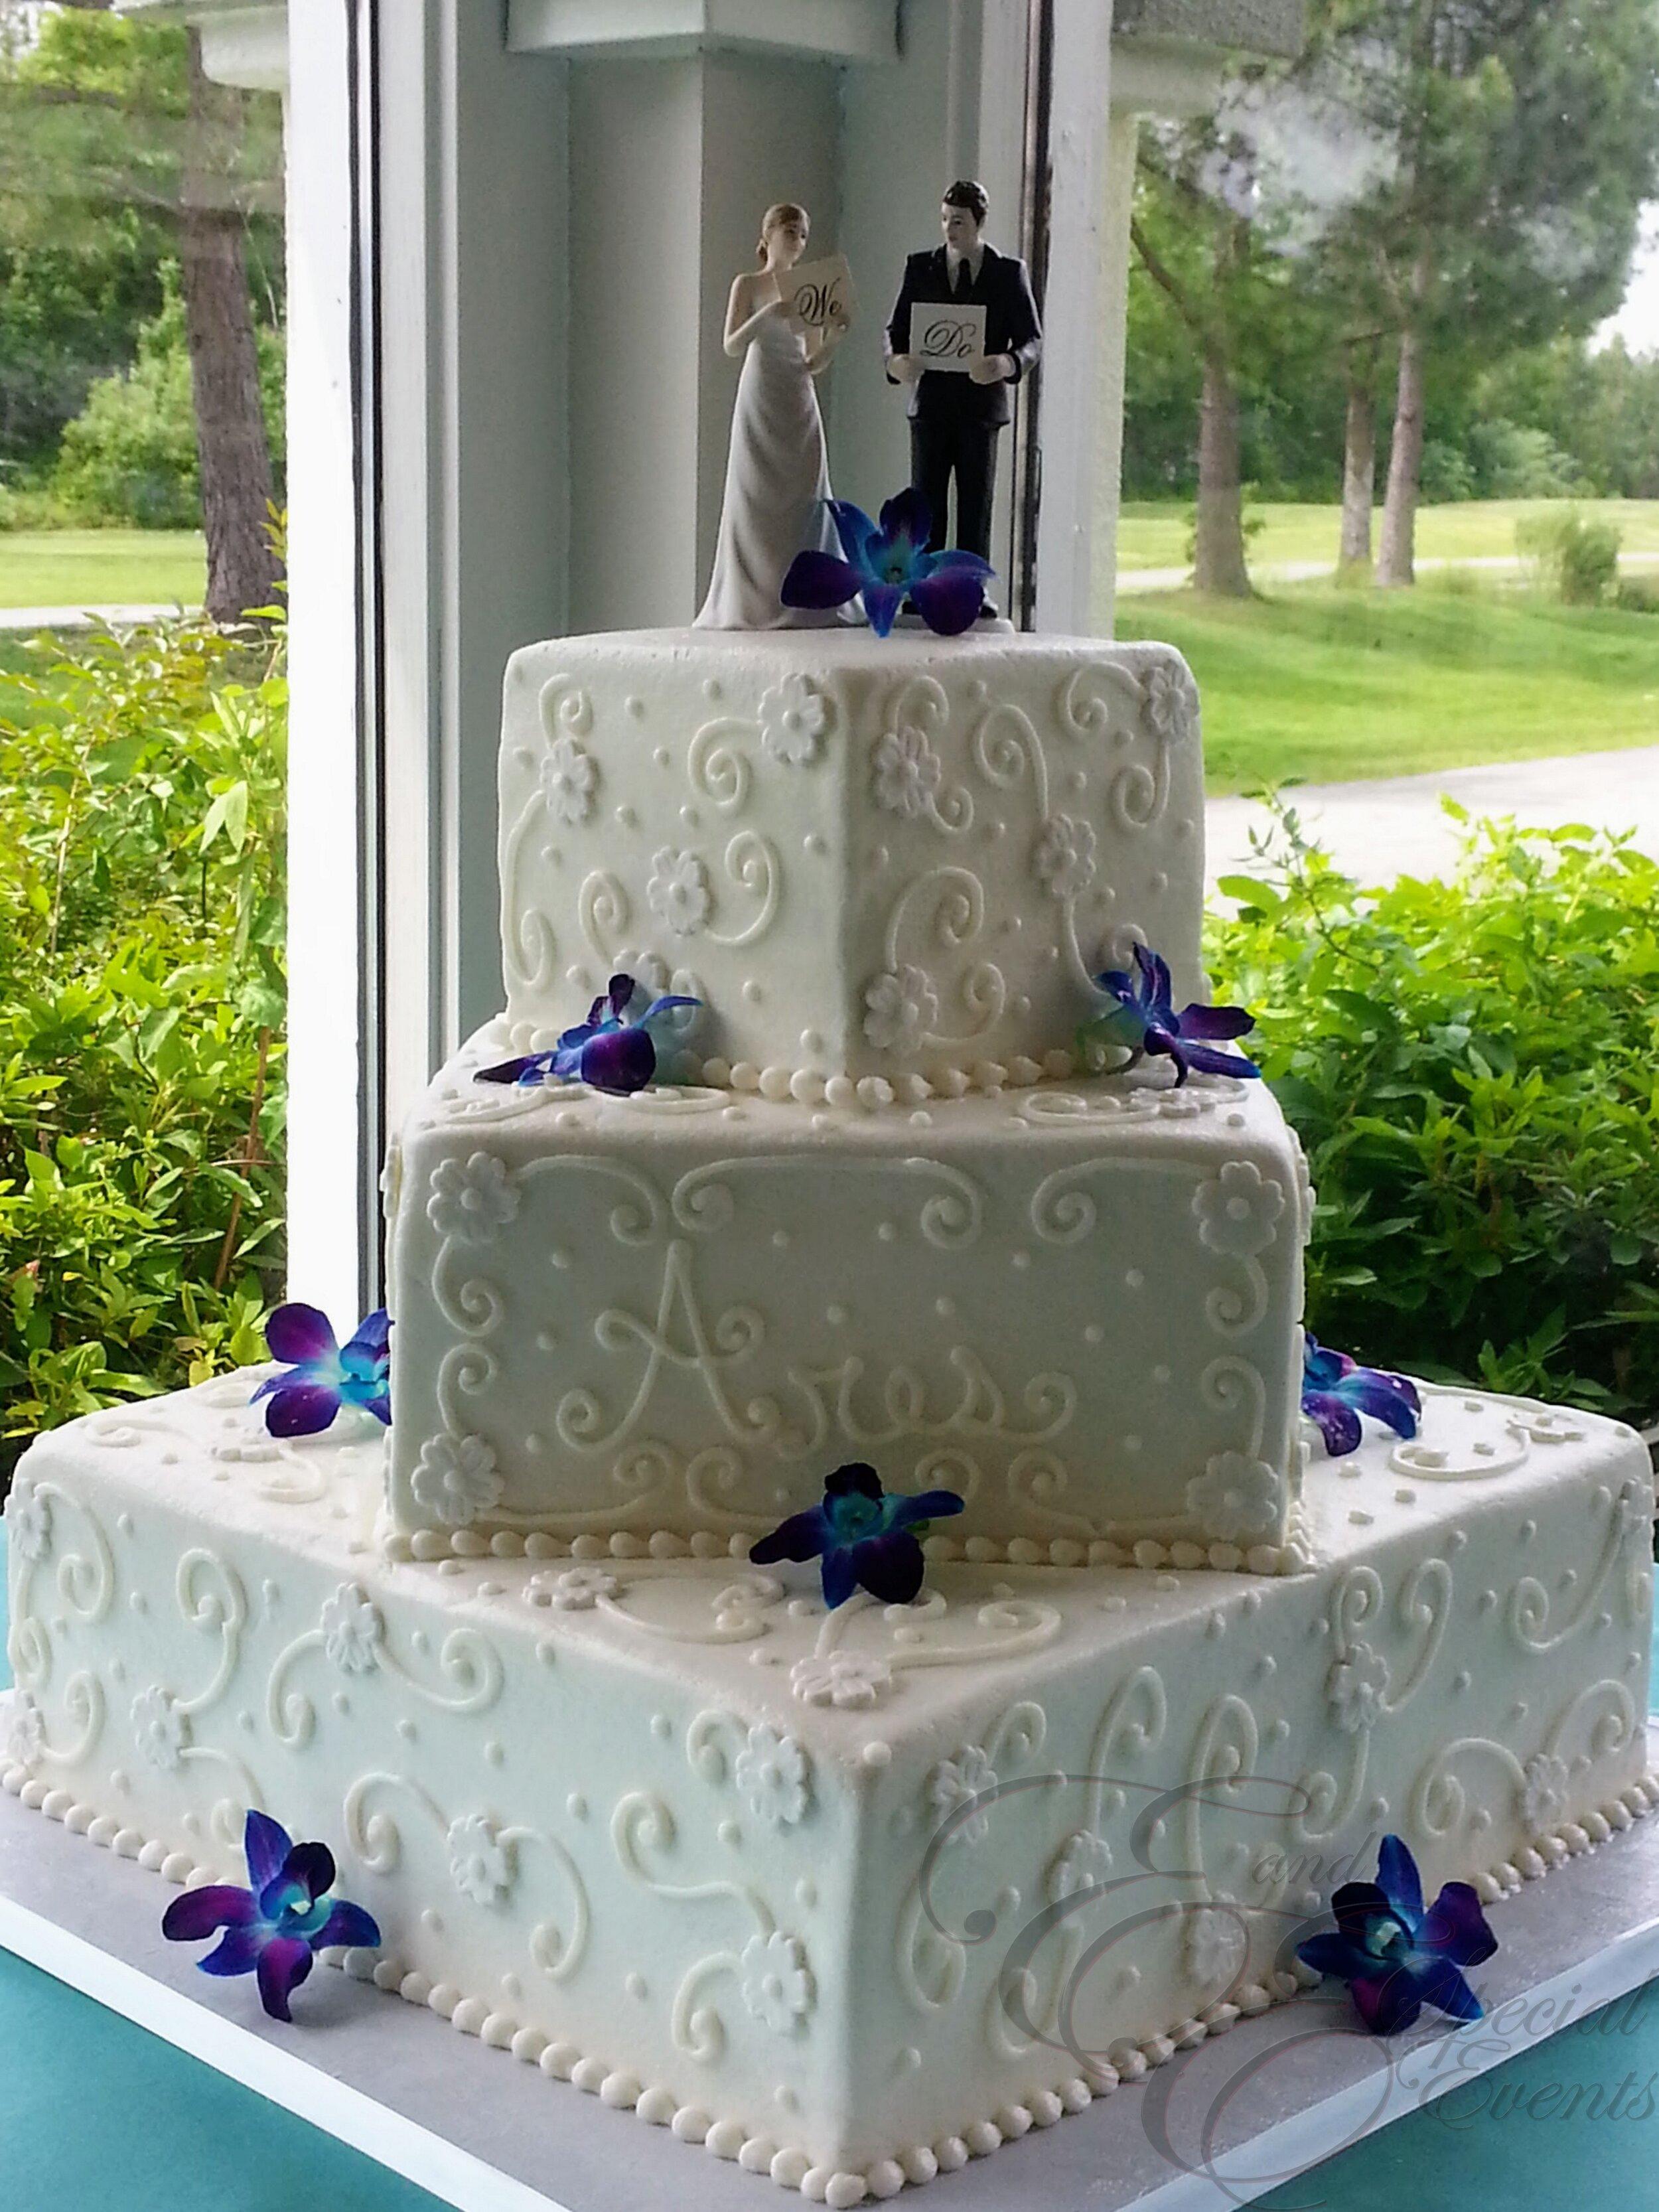 wedding_cakes_E_and_E_Special_Events_virginia_beach_7.jpg